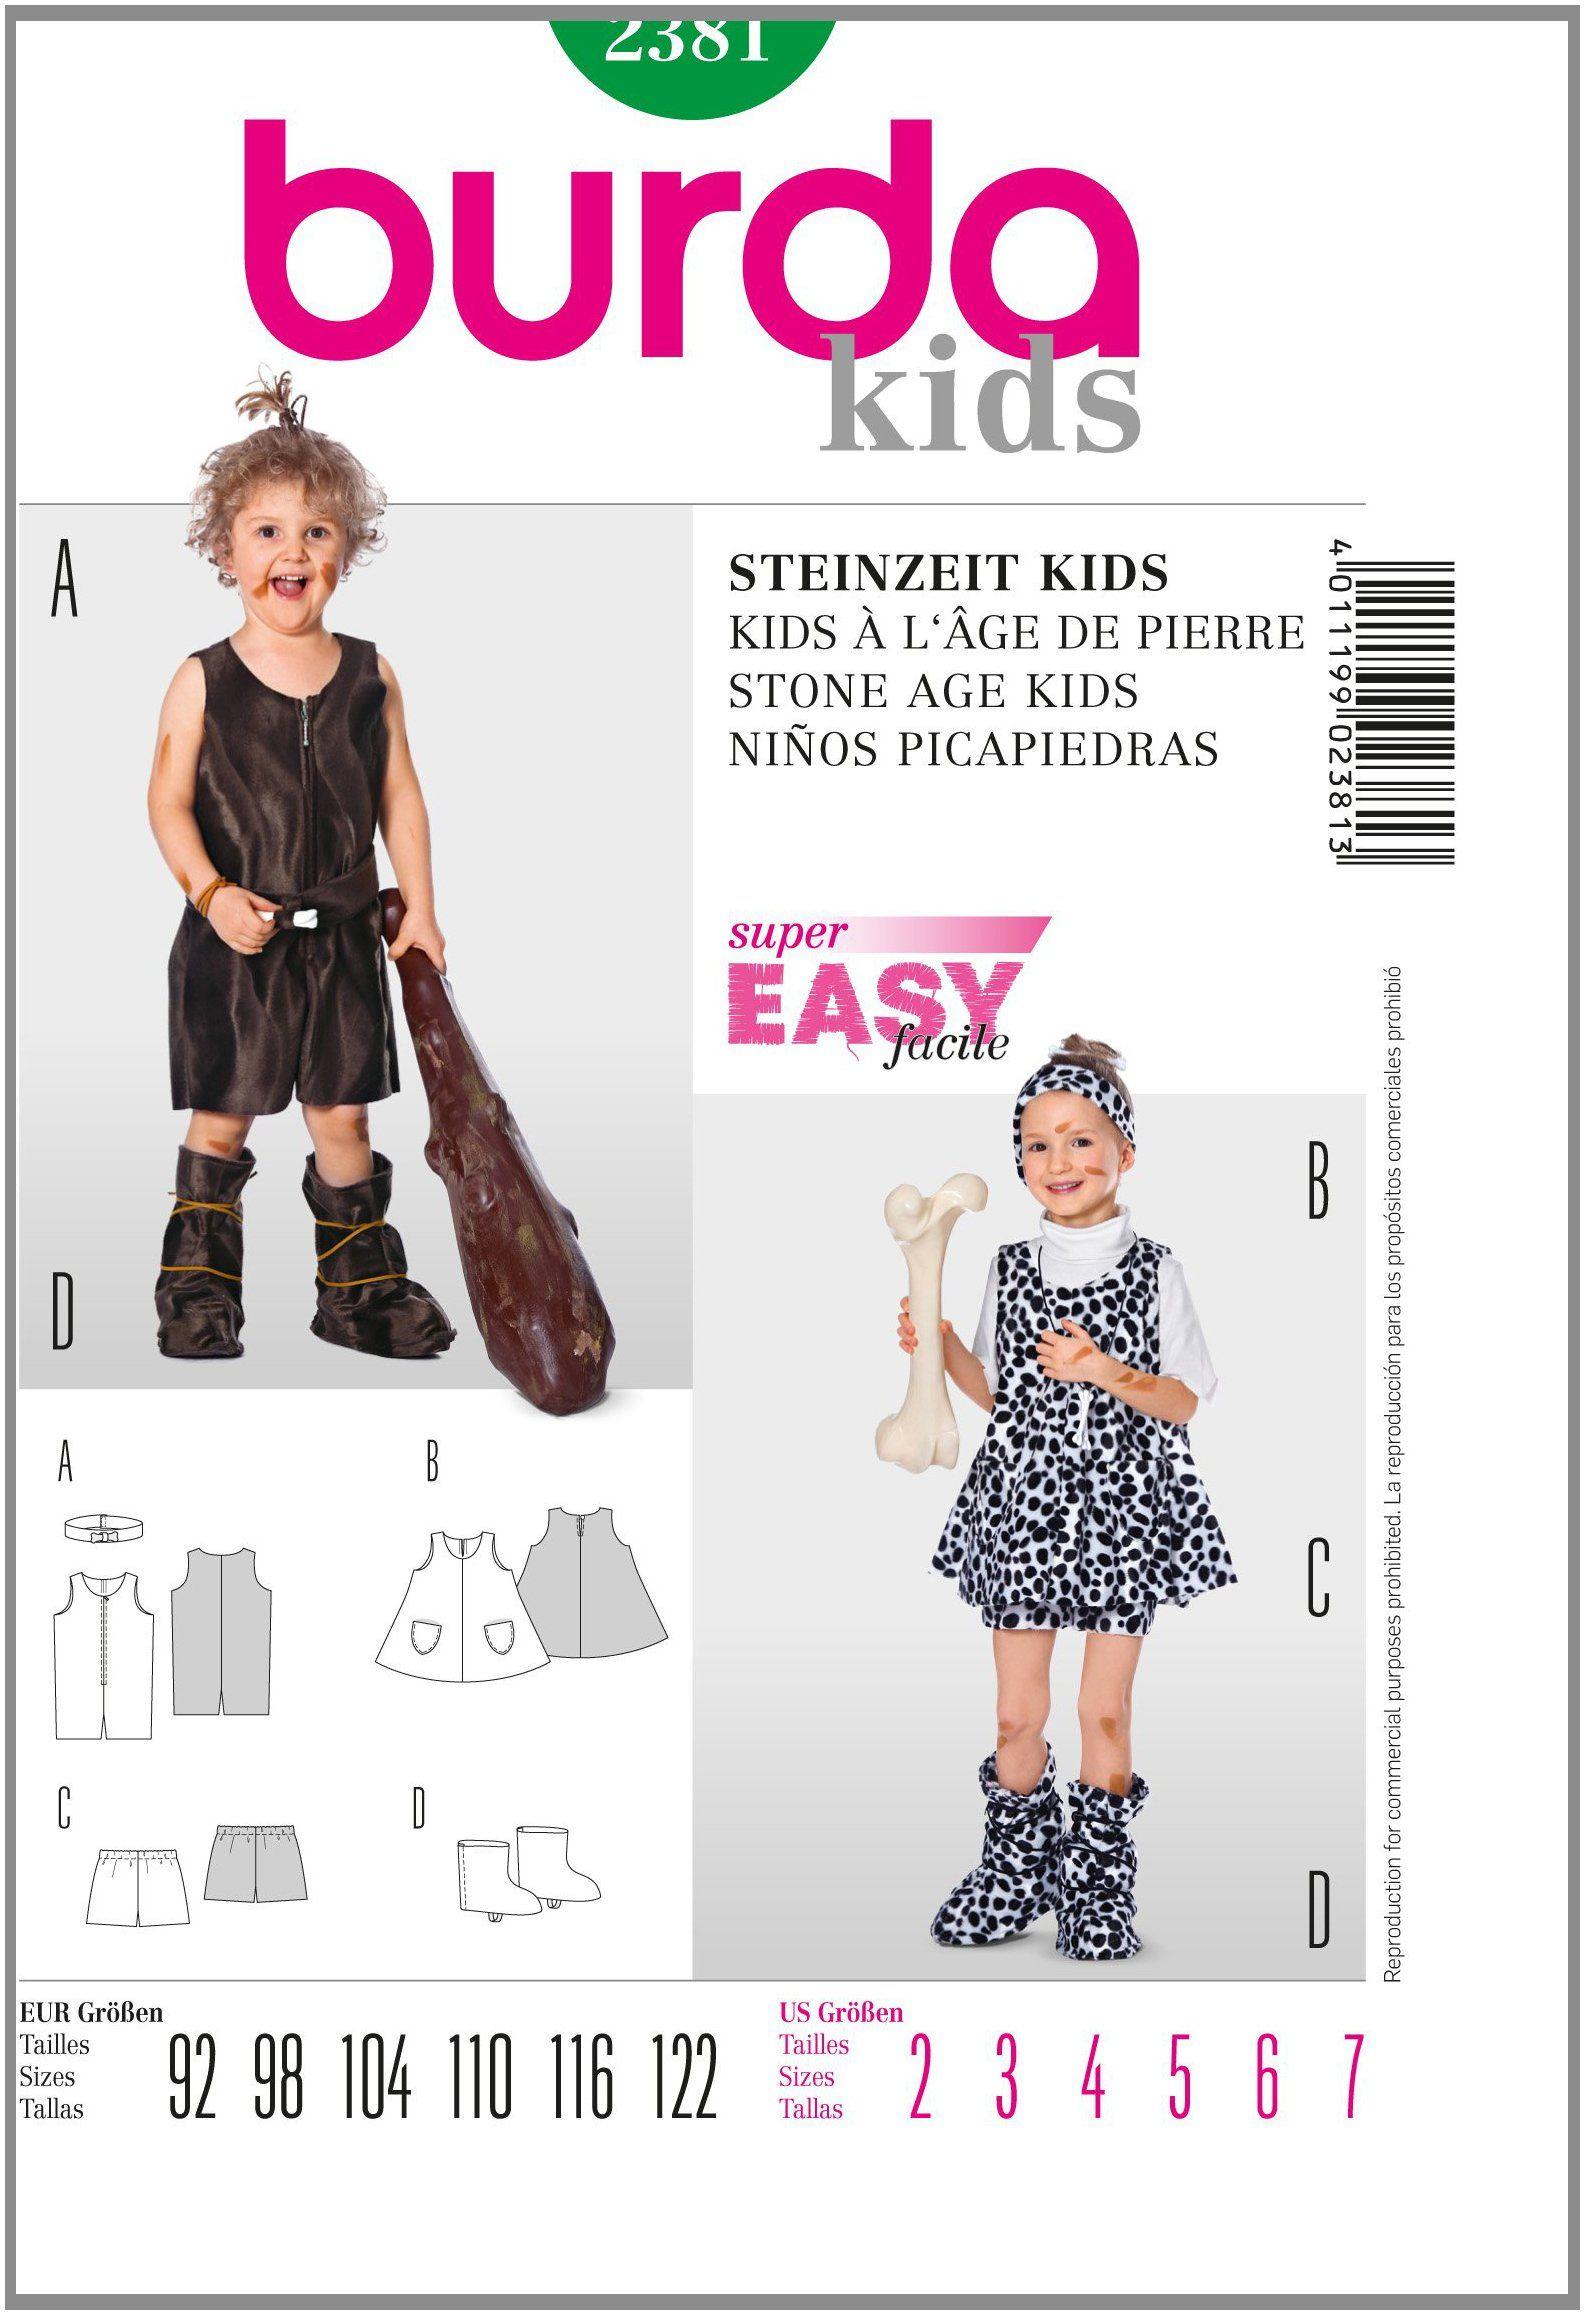 Burda Schnittmuster Steinzeit Kids Gr. 92 - 122: Amazon.de: Küche & Haushalt